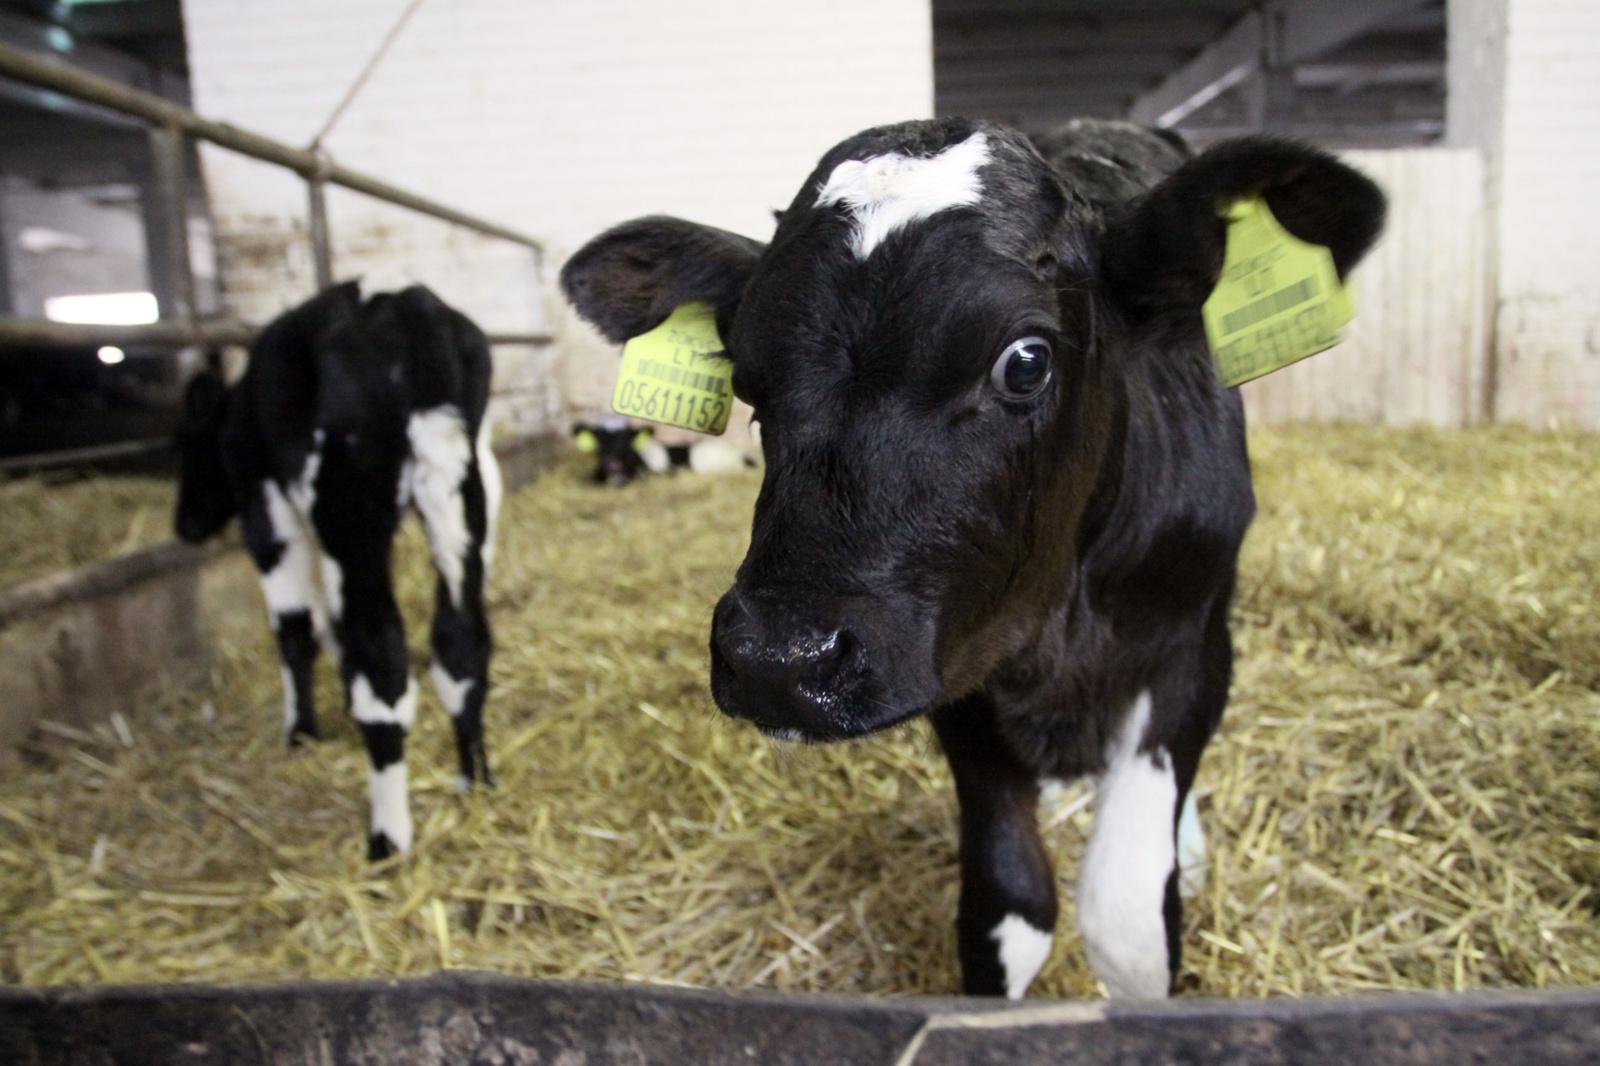 Alytaus rajono ūkininkai turėtų sunaikinti laikomus gyvūnus – avis, ožkas, karves, paukščius